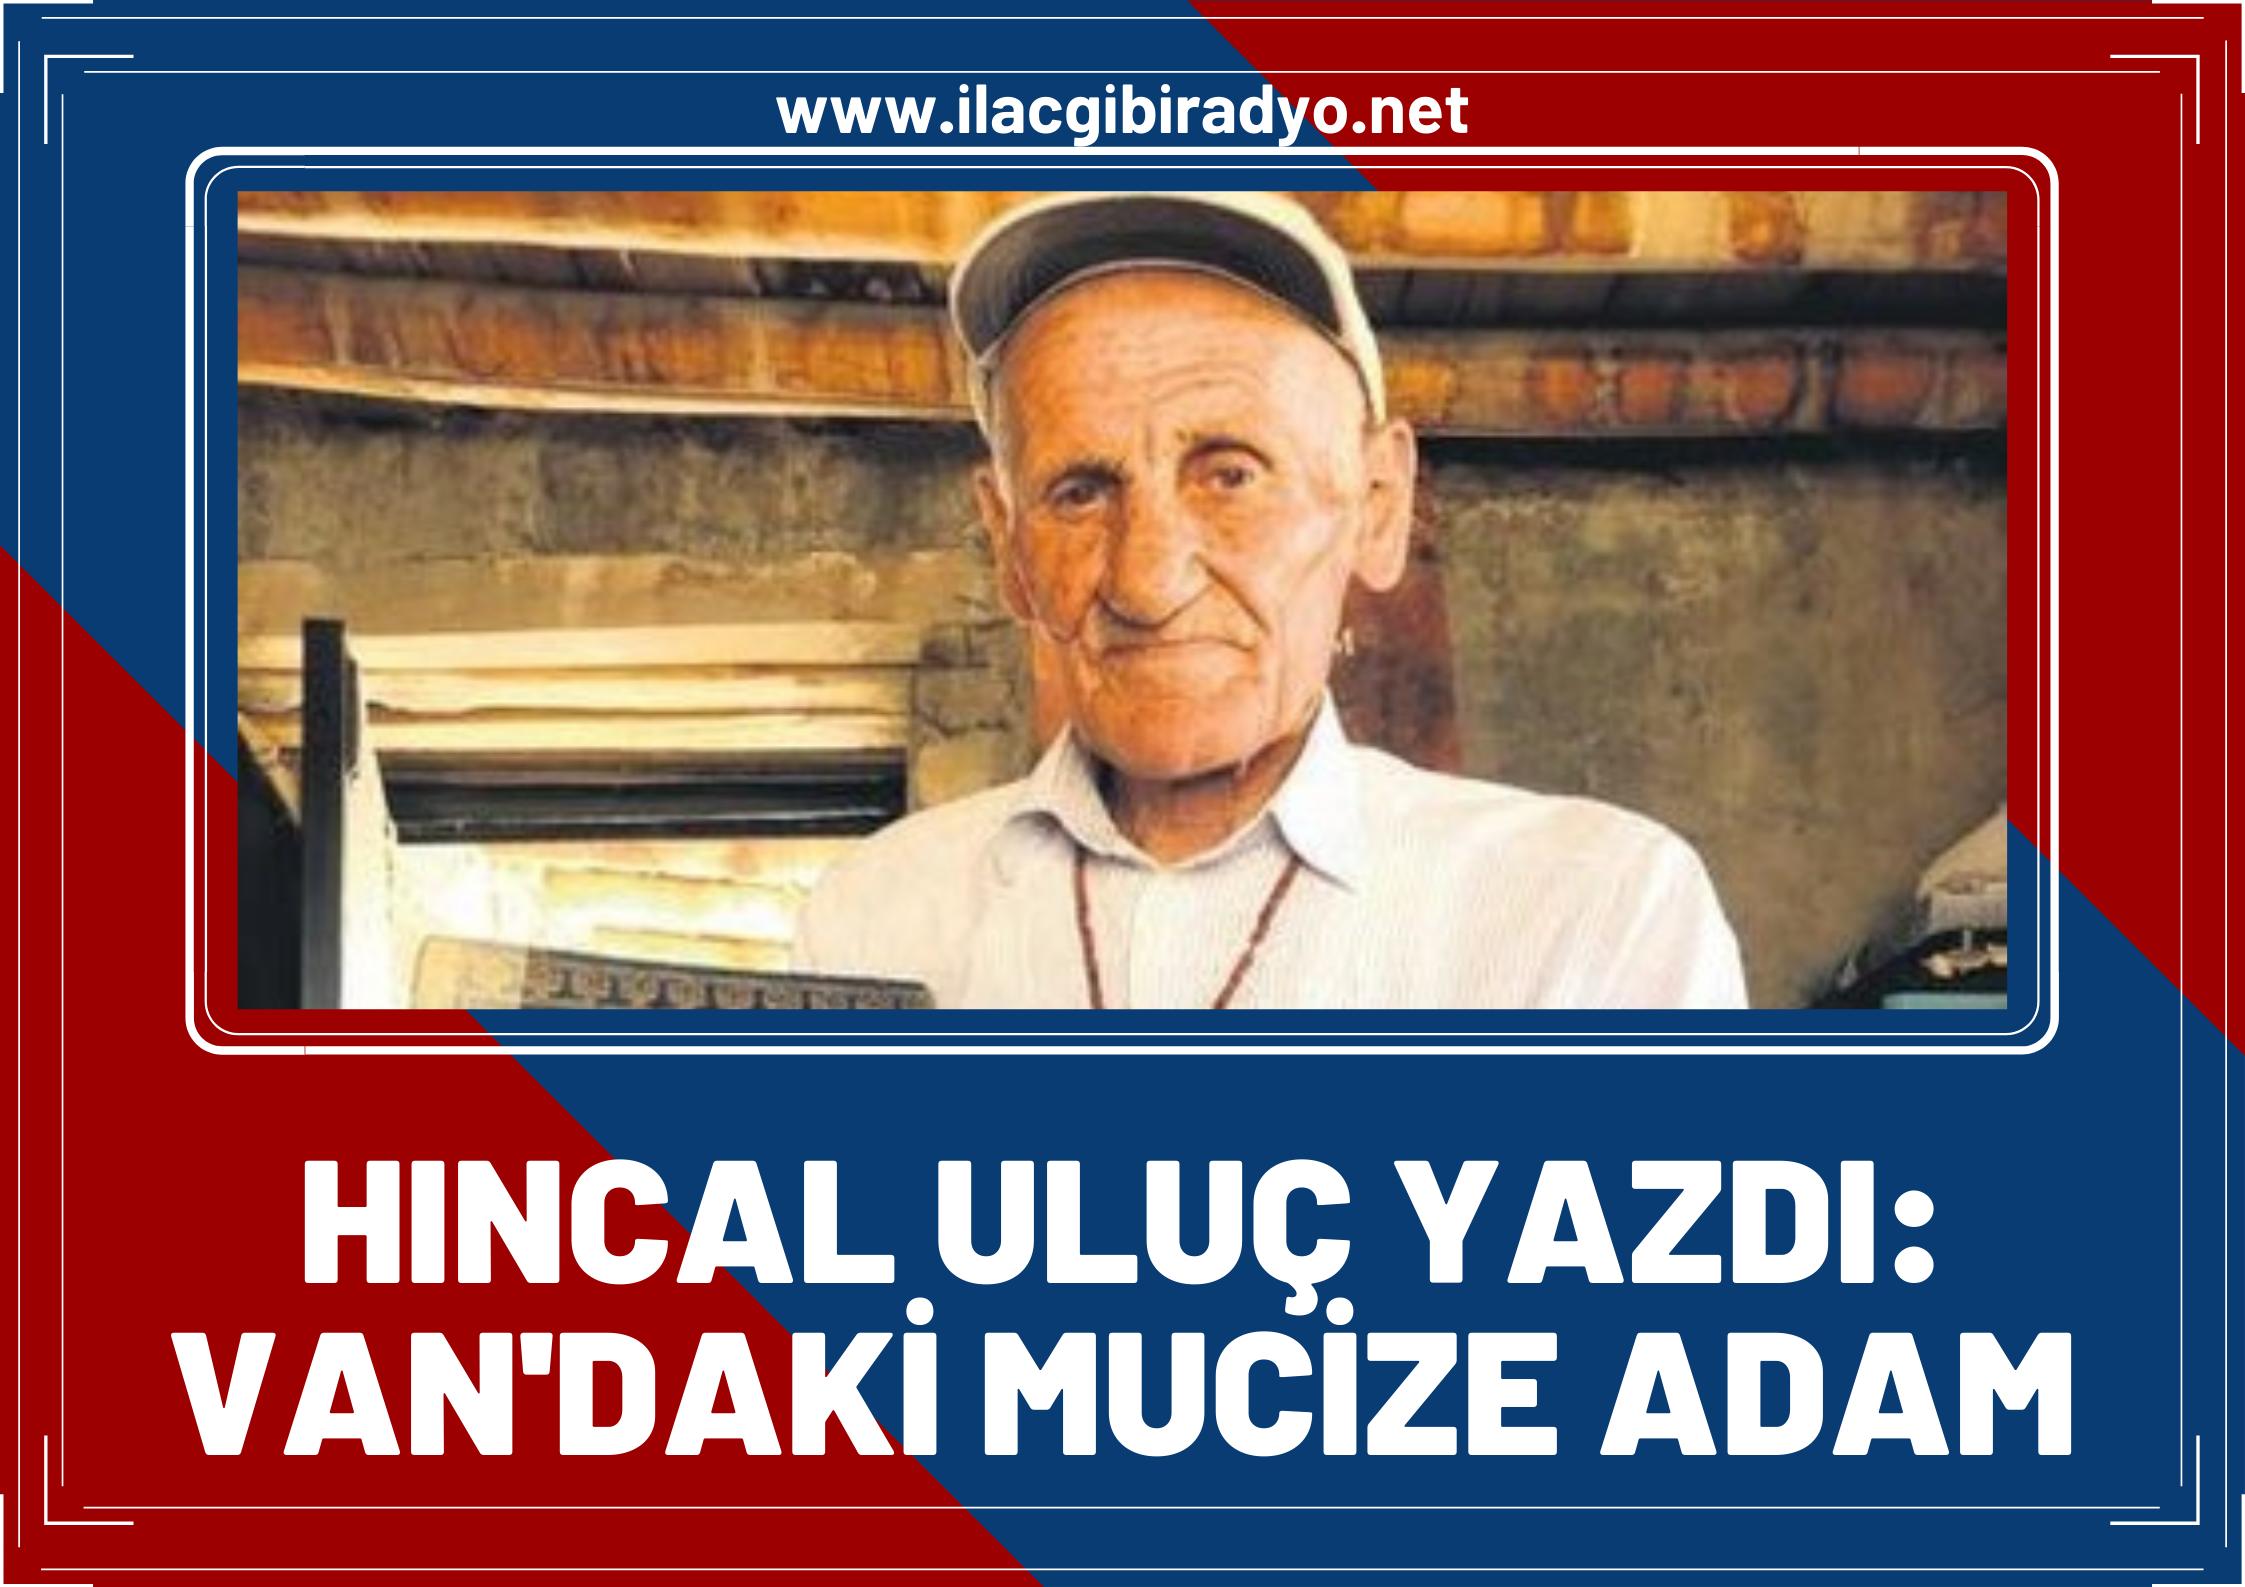 Sabah Gazetesi yazarı Hıncal Uluç: Van'daki mucize adam! Mehmet Kuşman